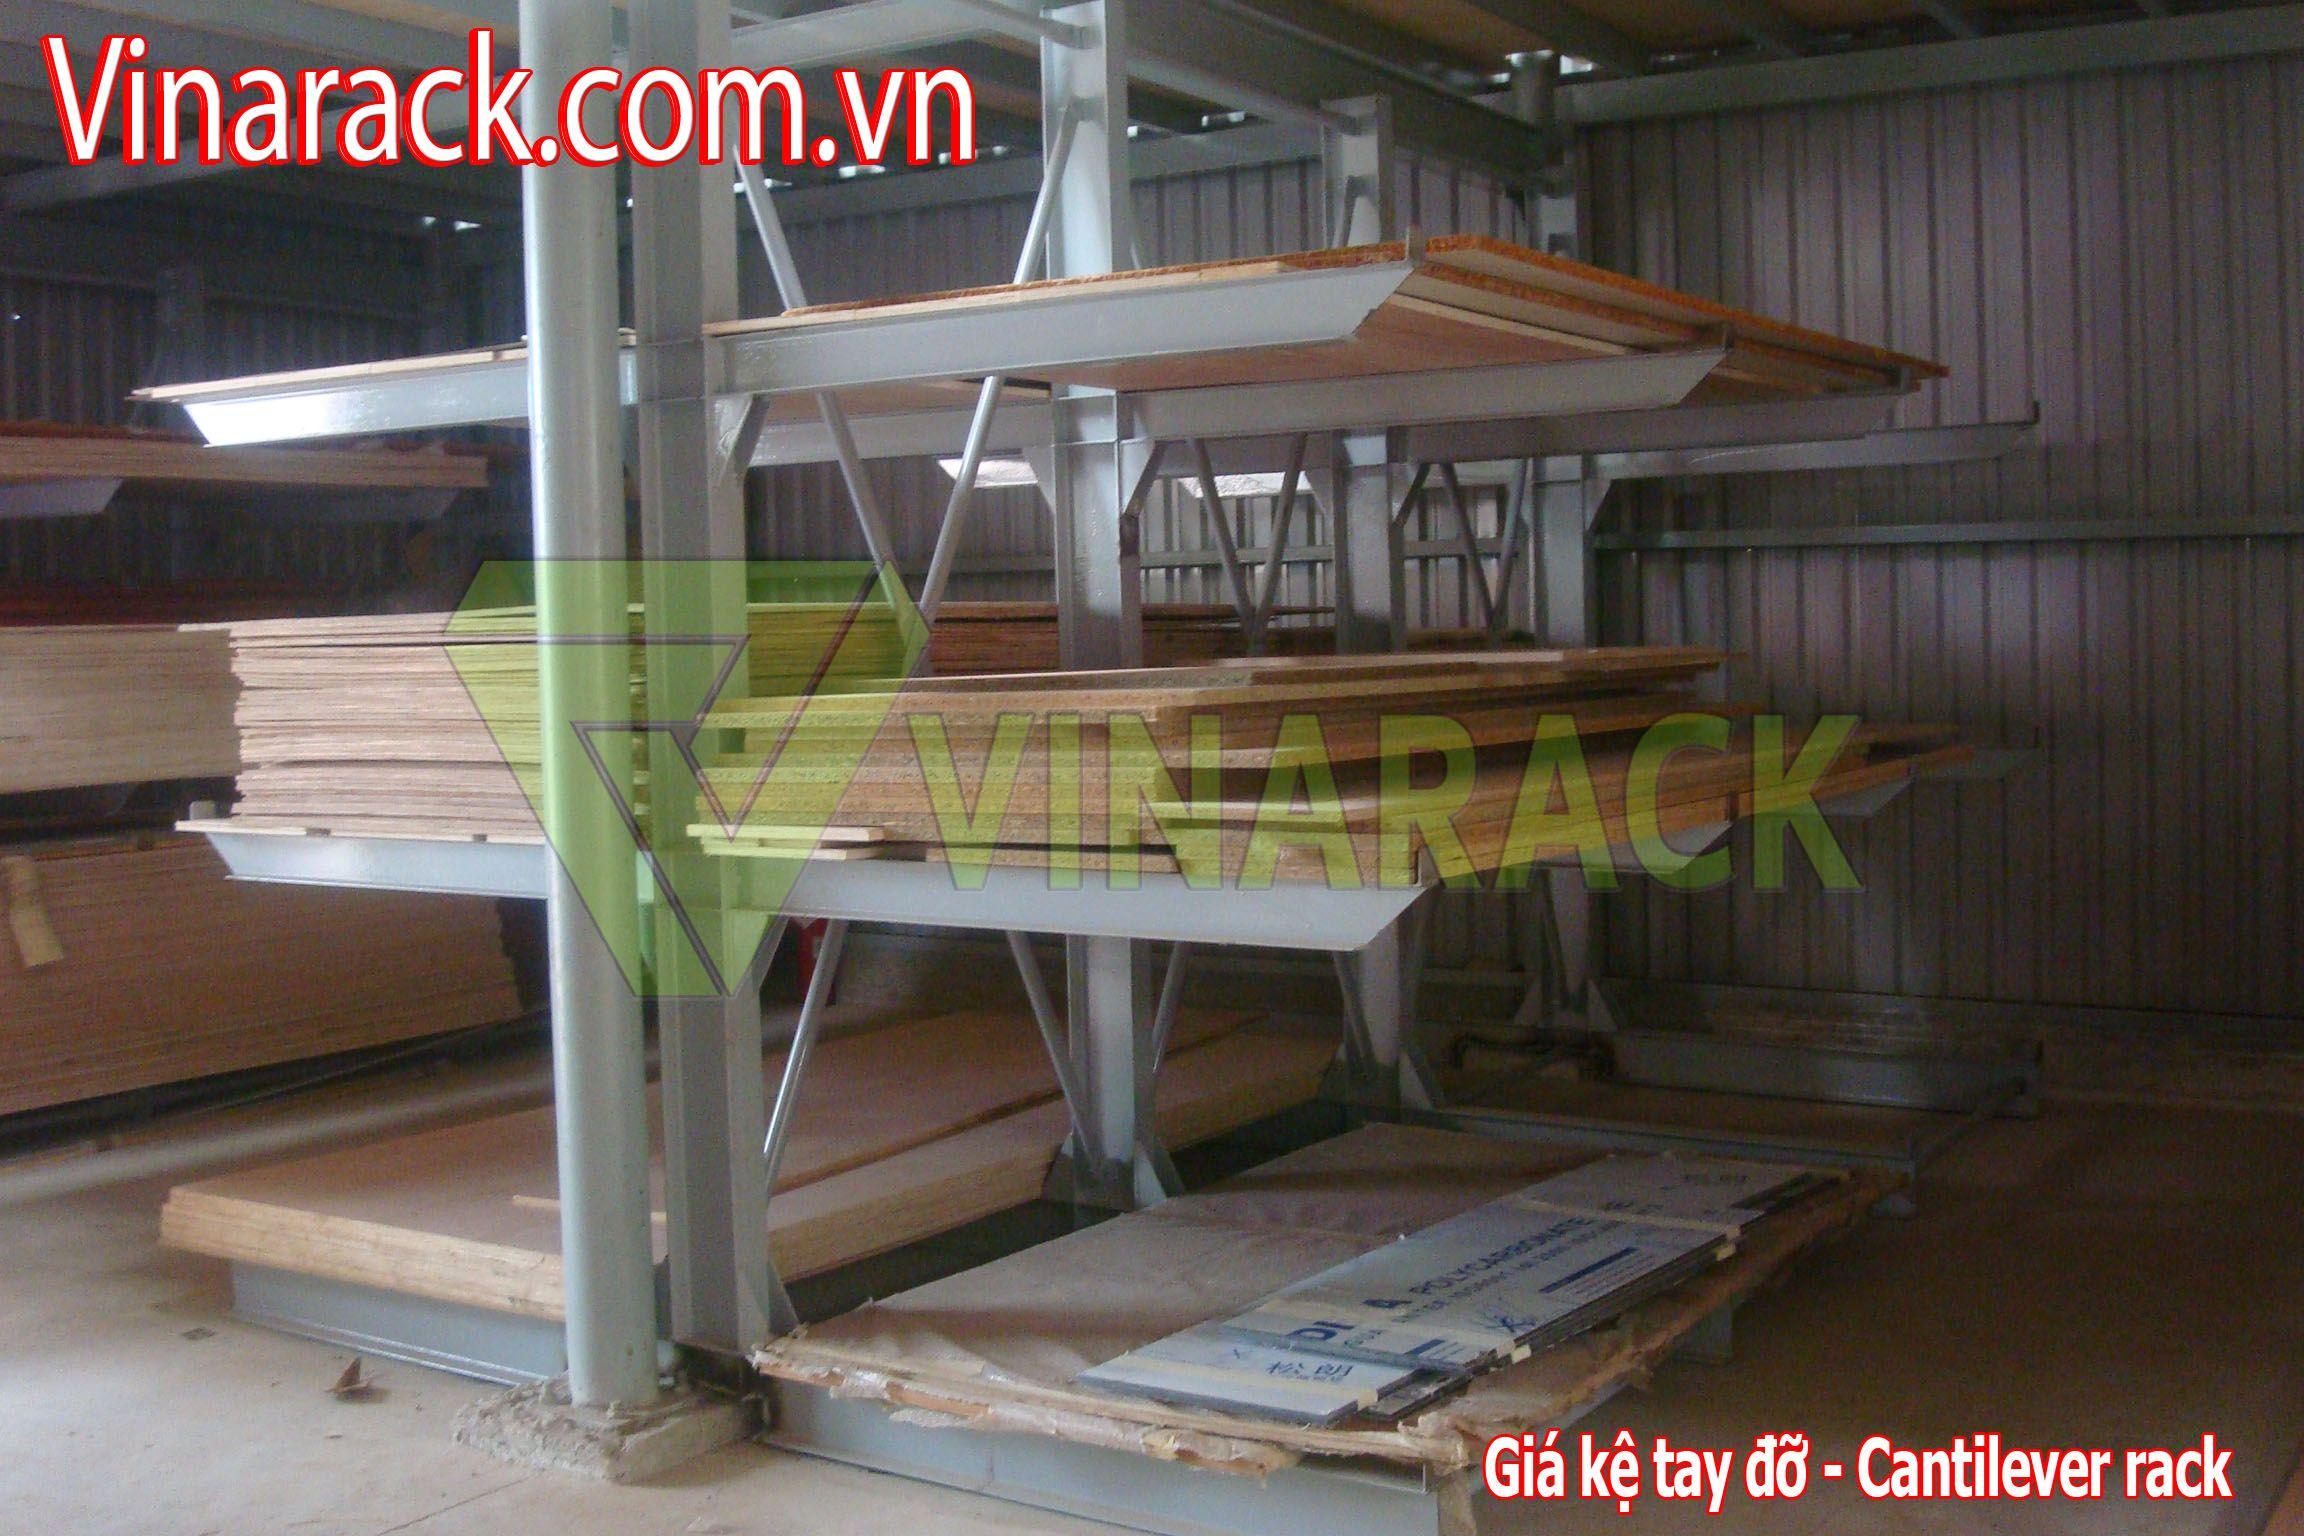 Cantilever rack – Vinarack's cantilever rack